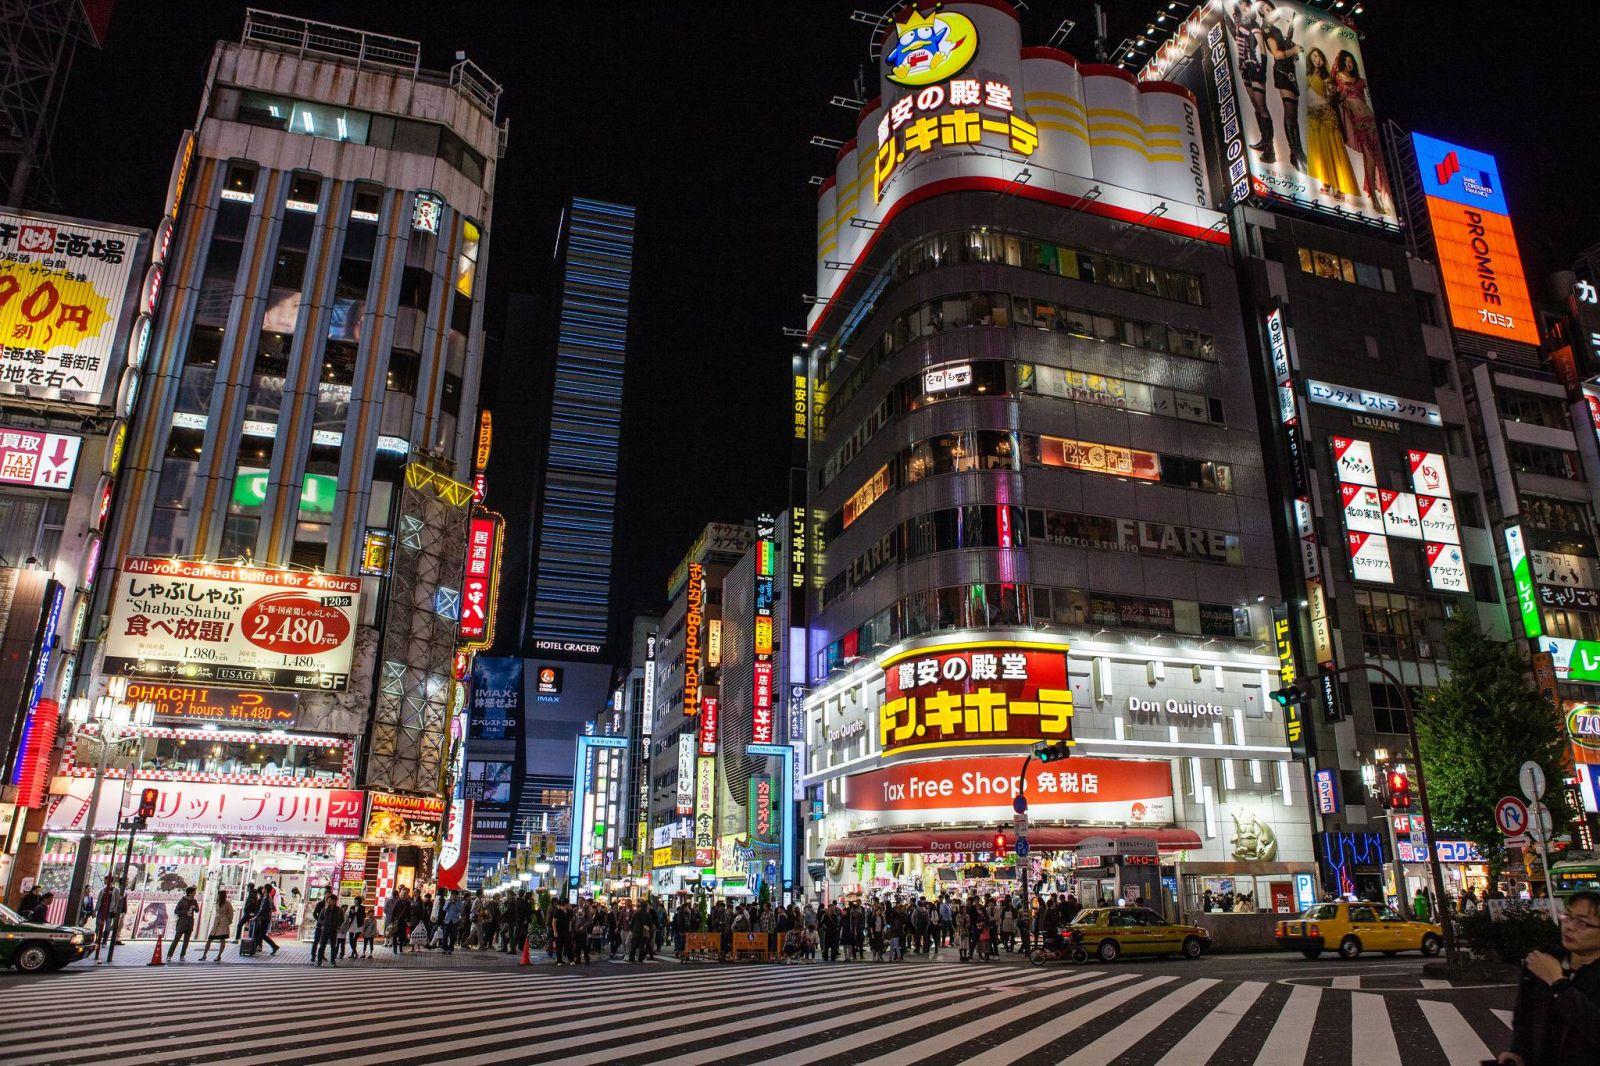 Giảm sốc vé máy bay từ Nhật sang Mỹ trong vòng 1 ngày